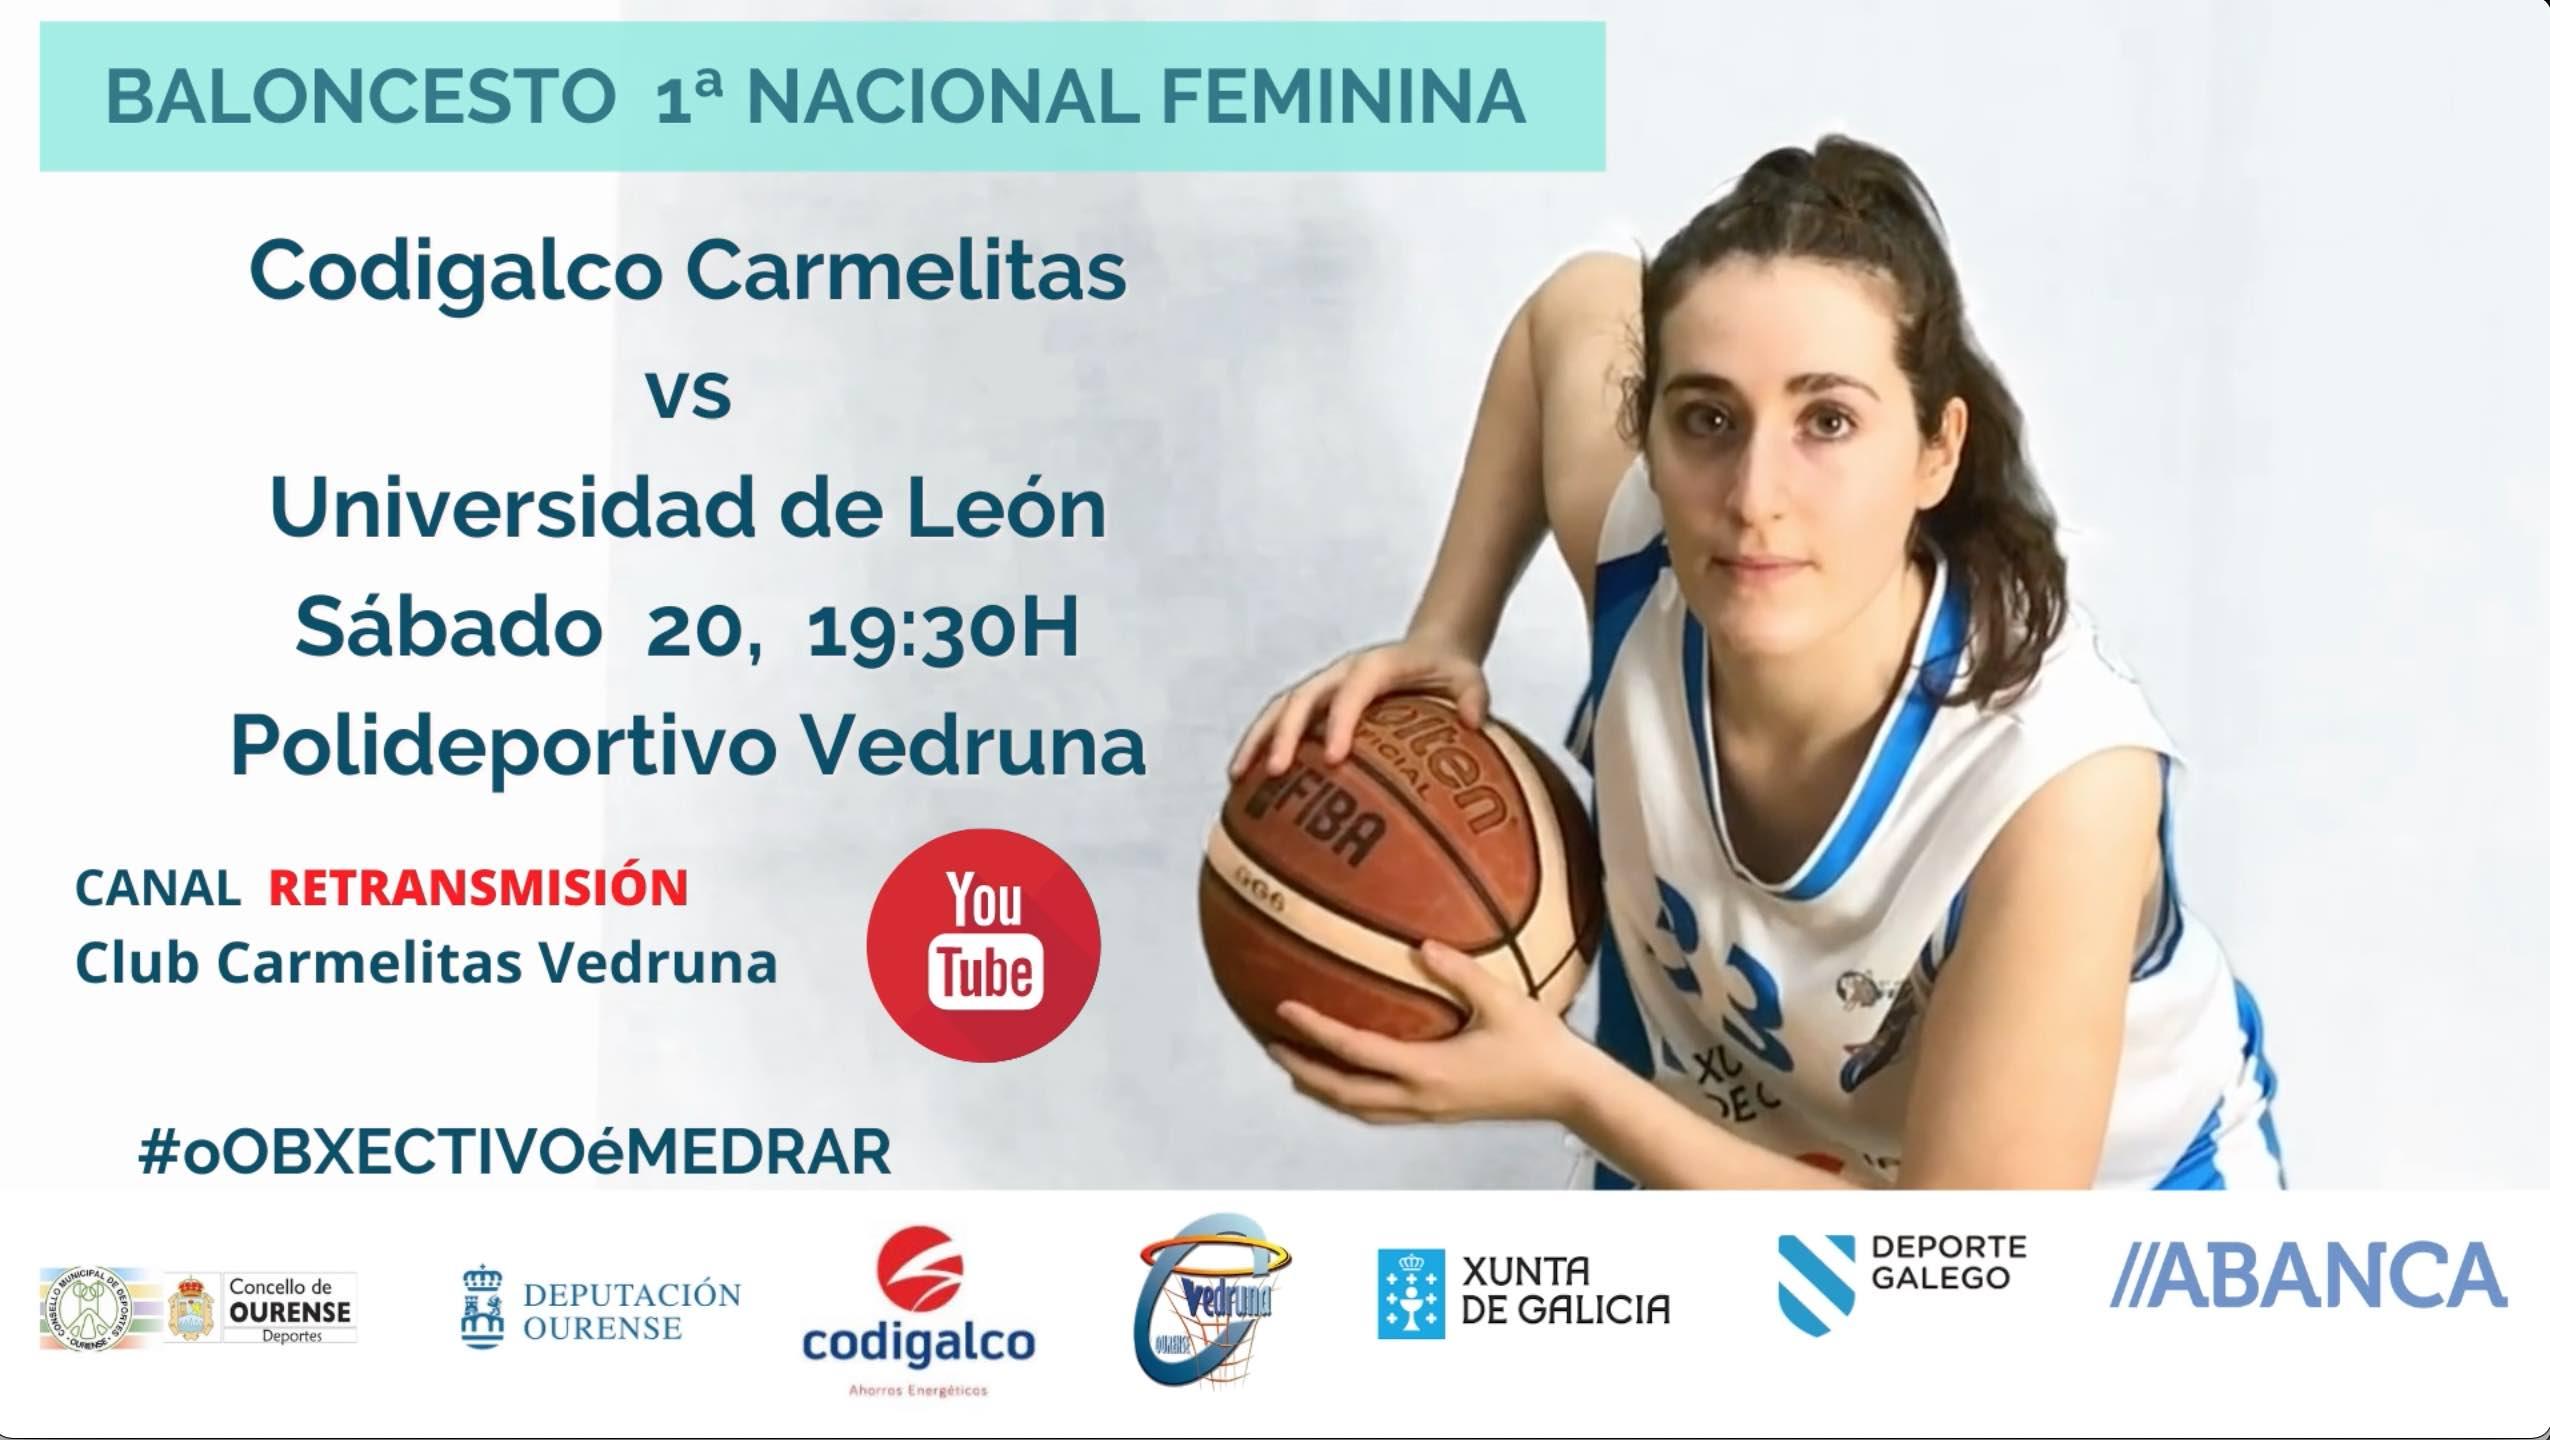 Previa 1ª Nac. Fem.: Codigalco Carmelitas vs Universidad de León